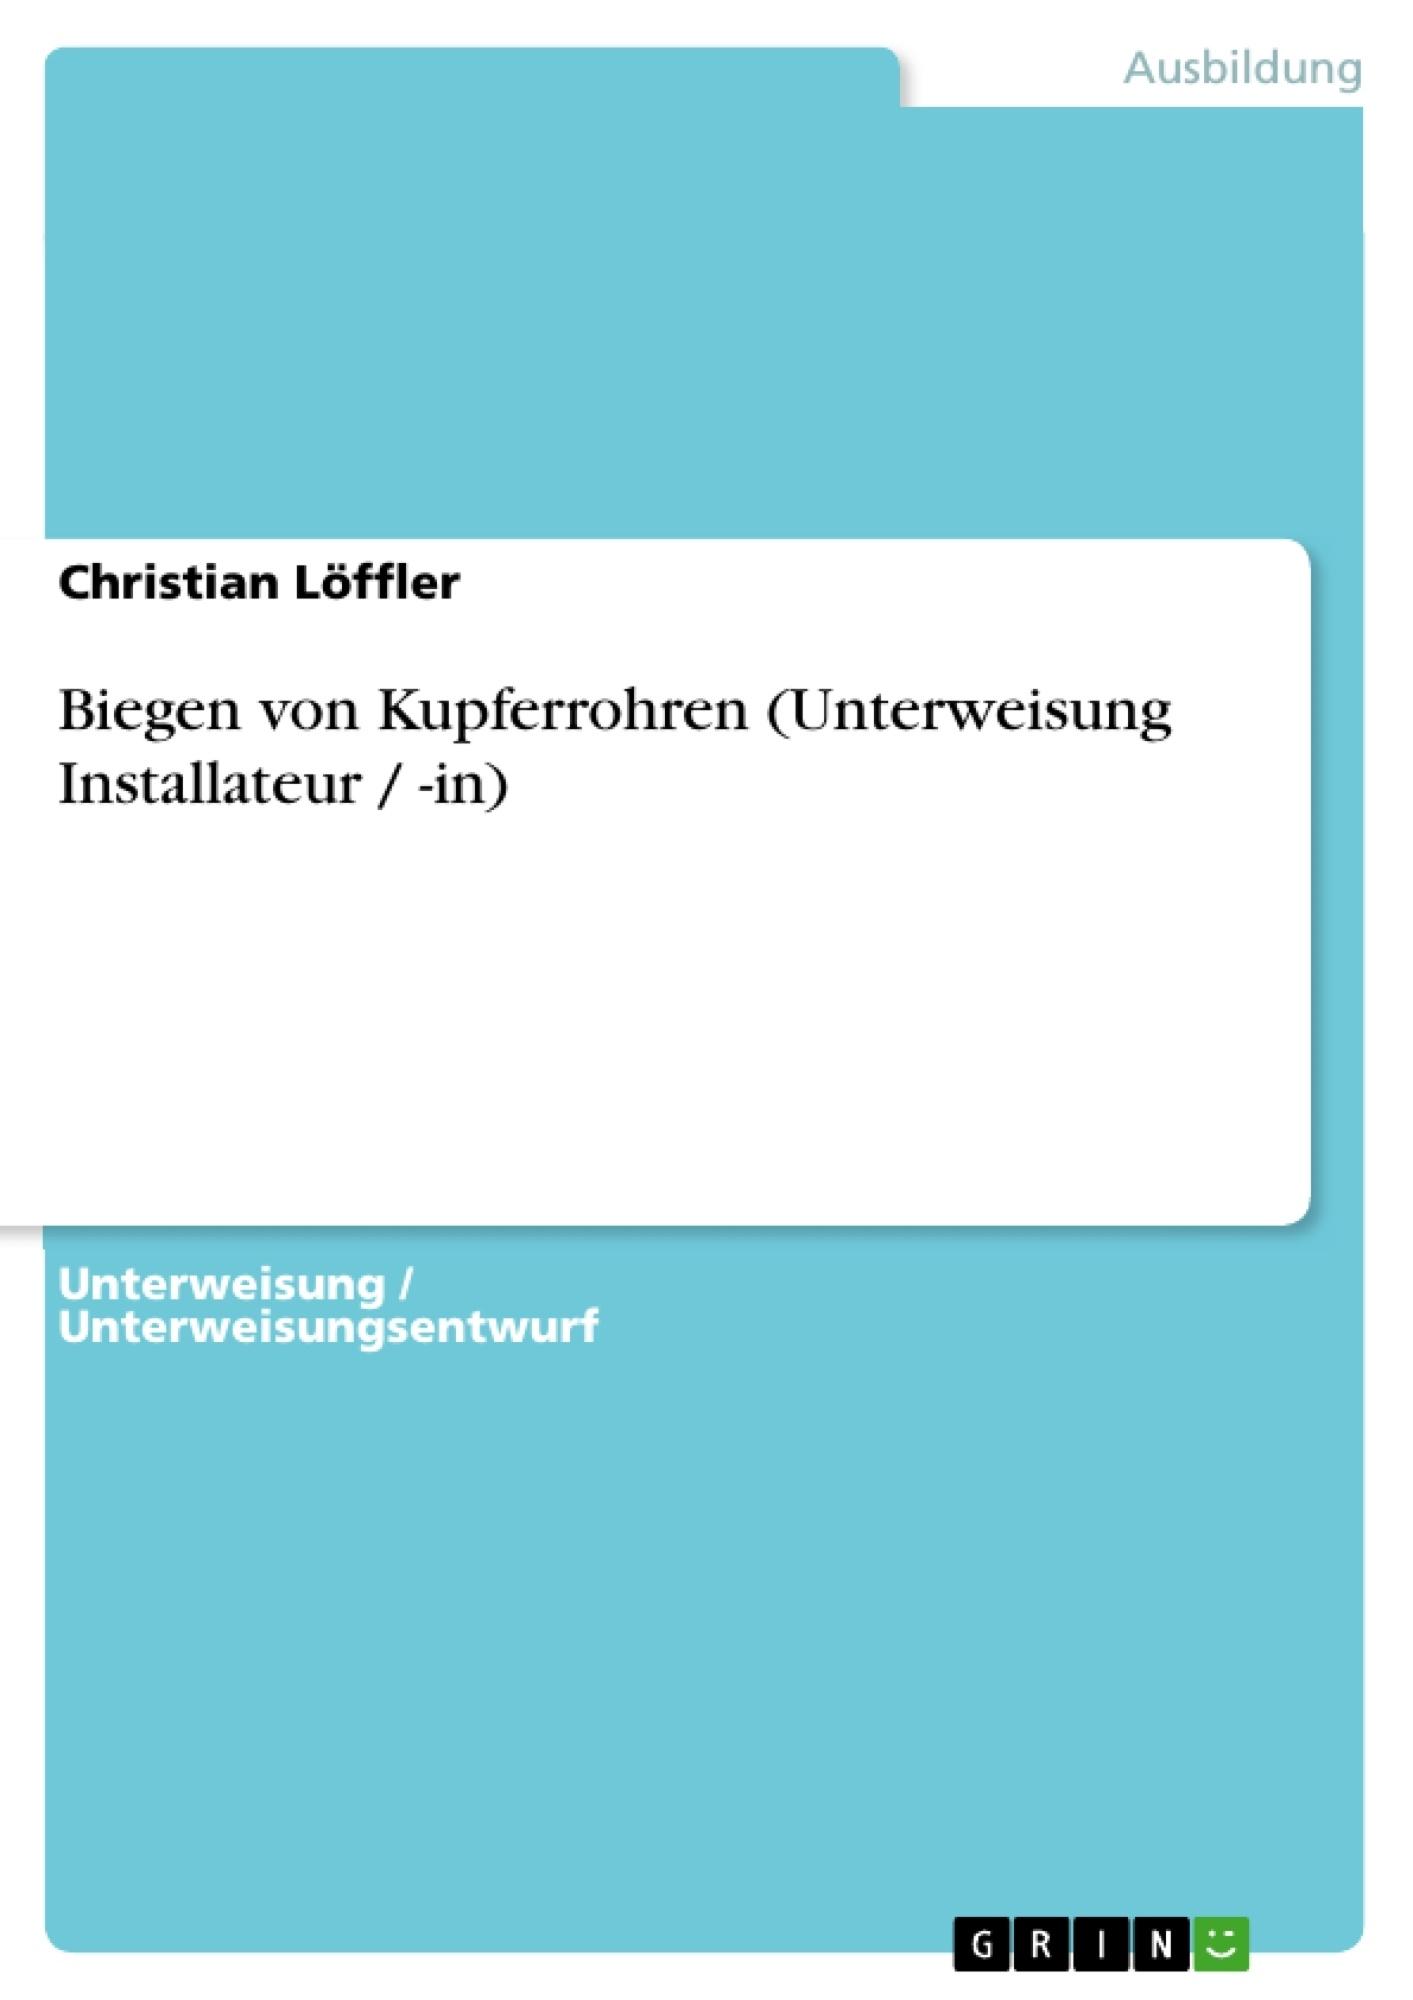 Titel: Biegen von Kupferrohren (Unterweisung Installateur / -in)